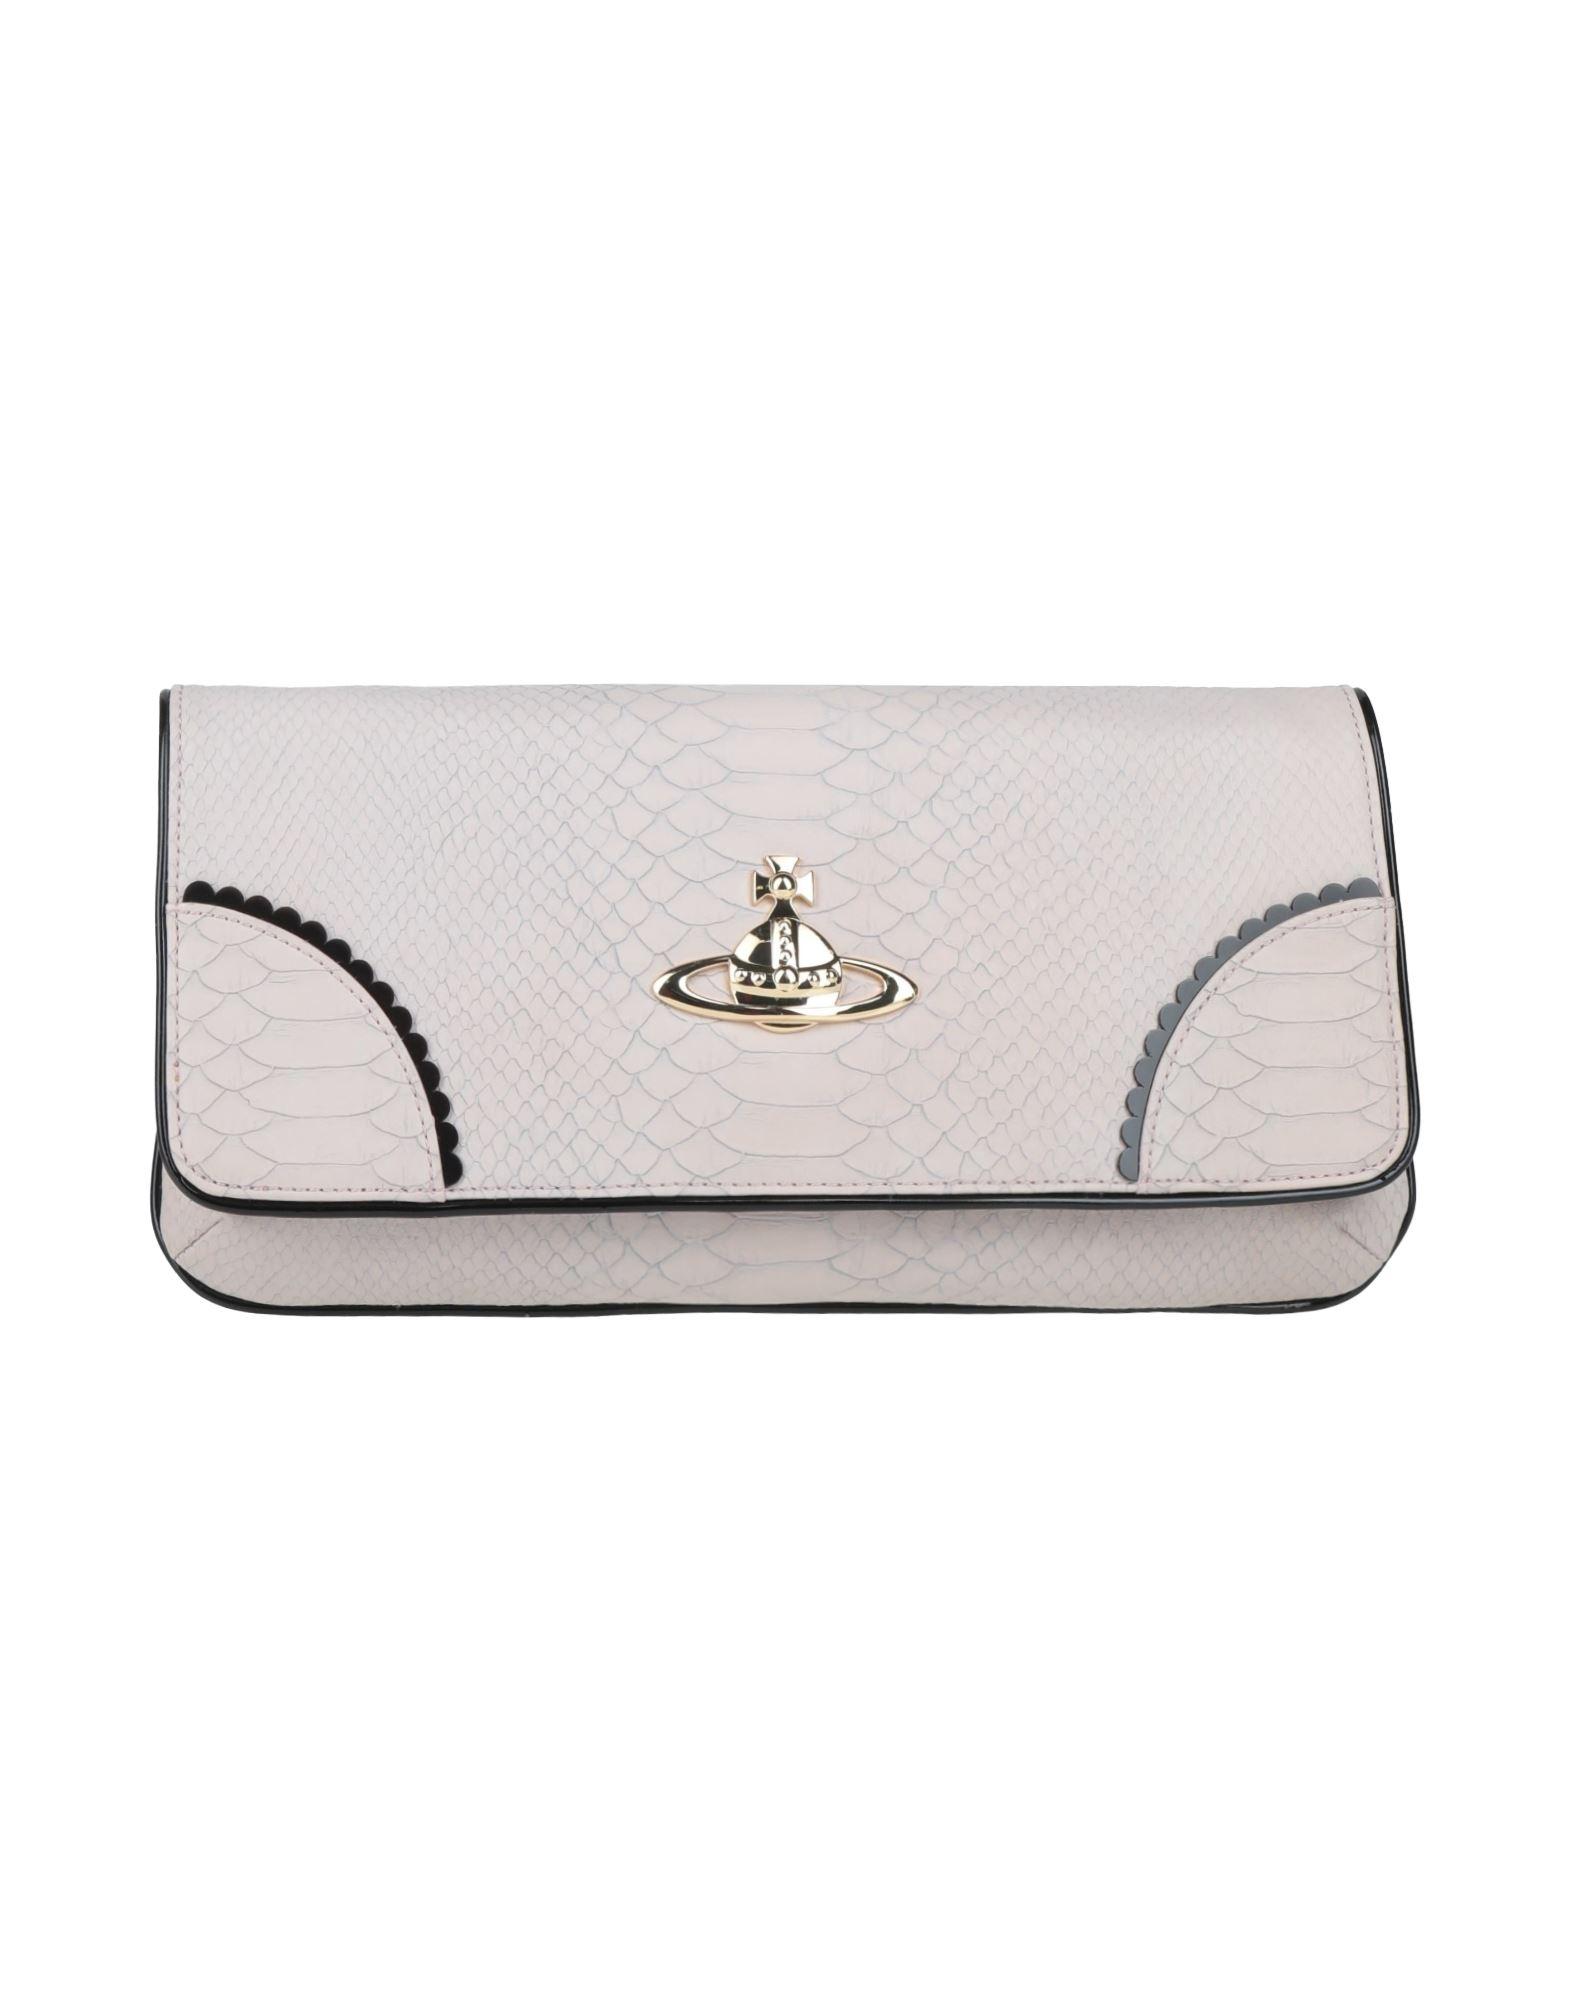 Vivienne Westwood Handbags HANDBAGS